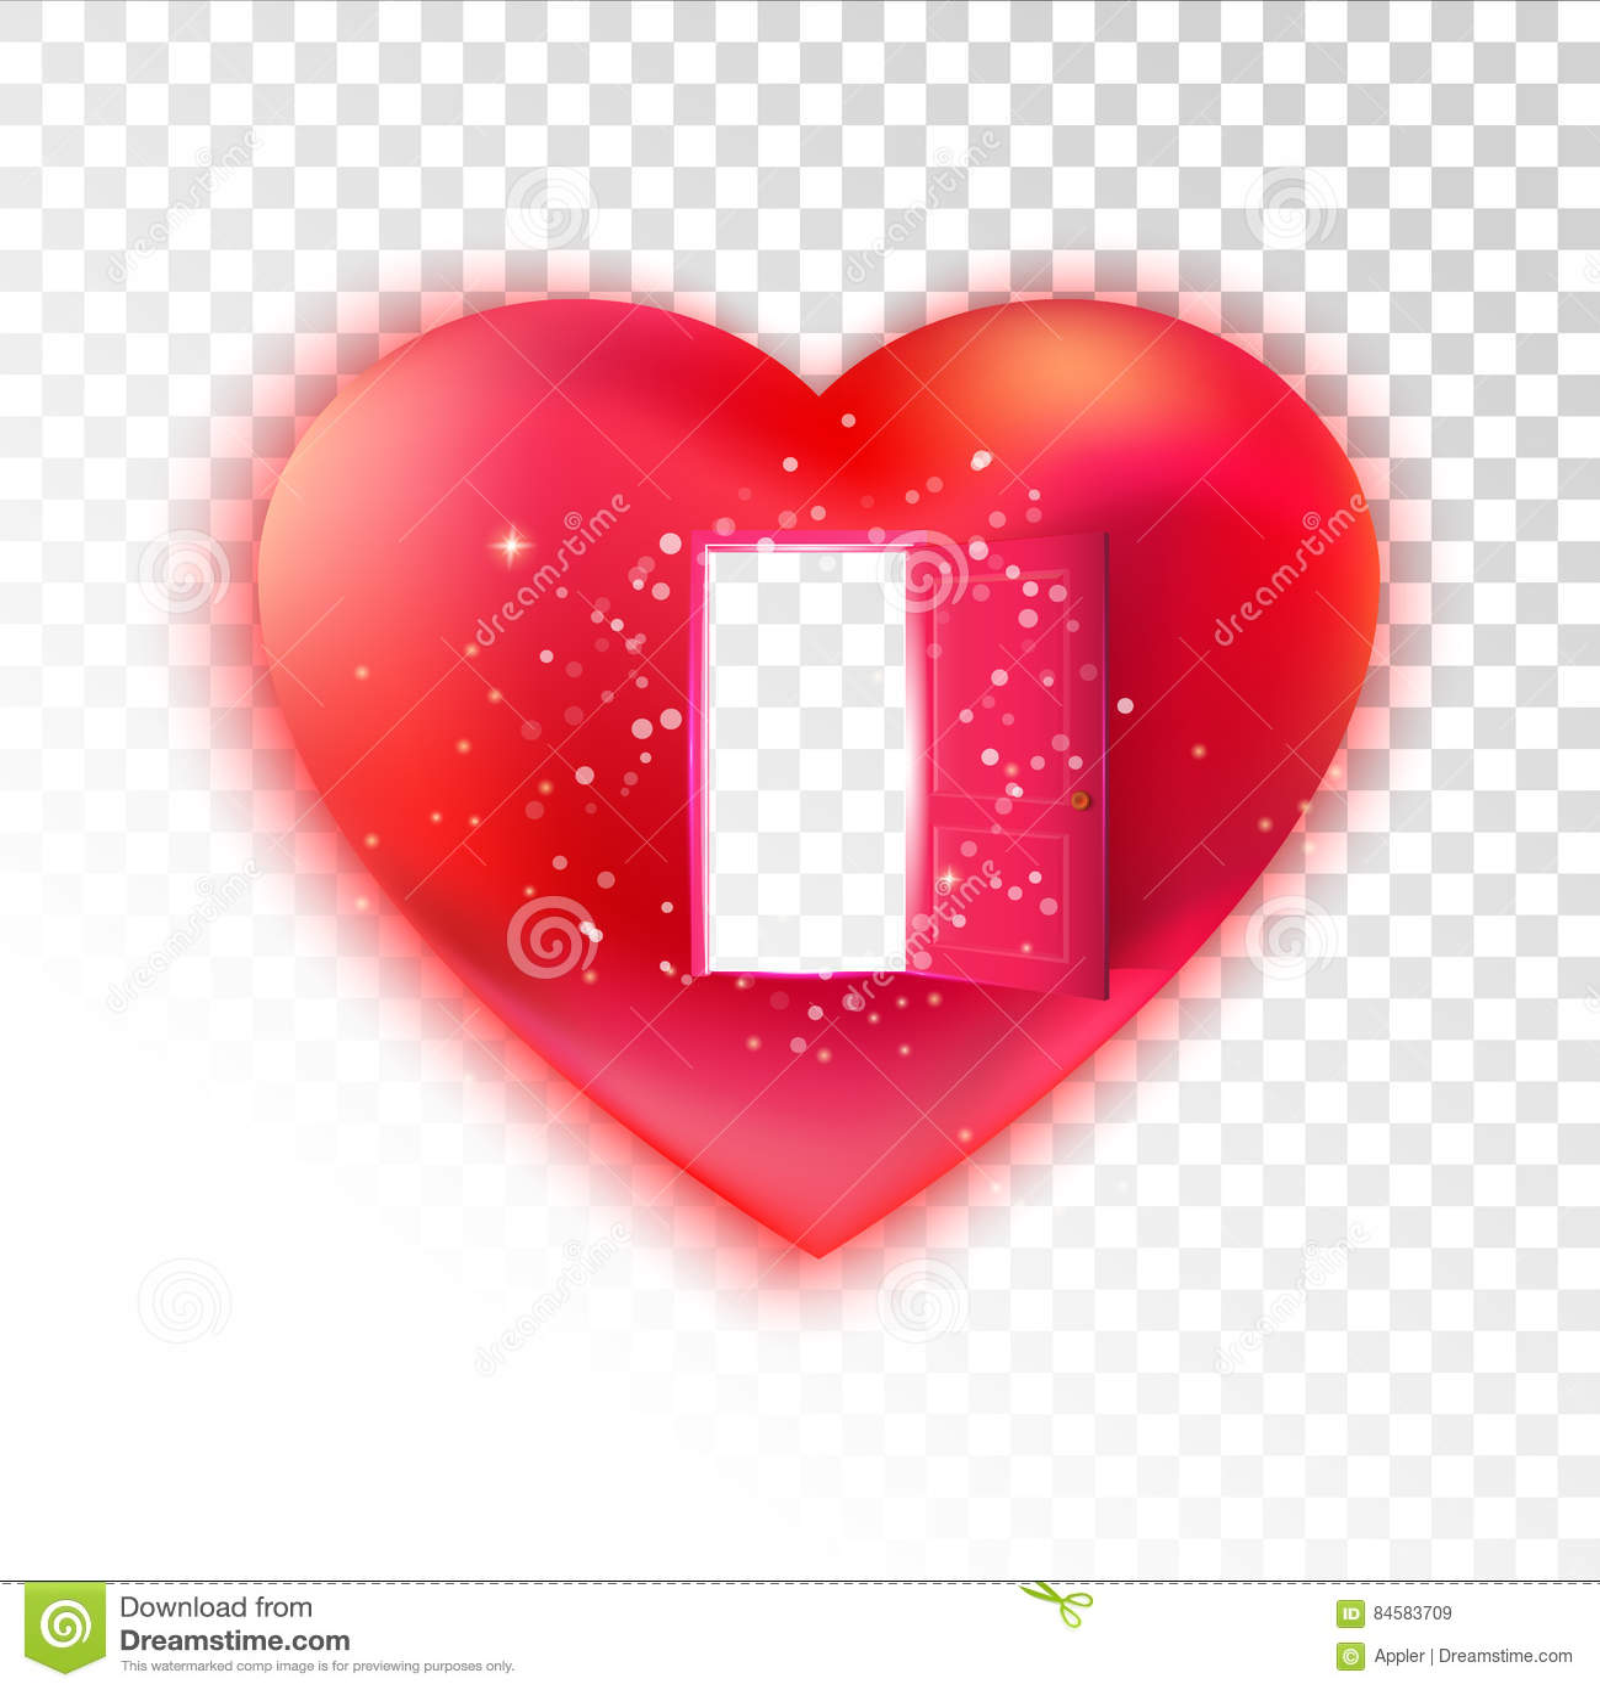 Heart with open door on transparent stock vector illustration of heart with open door on transparent buycottarizona Gallery